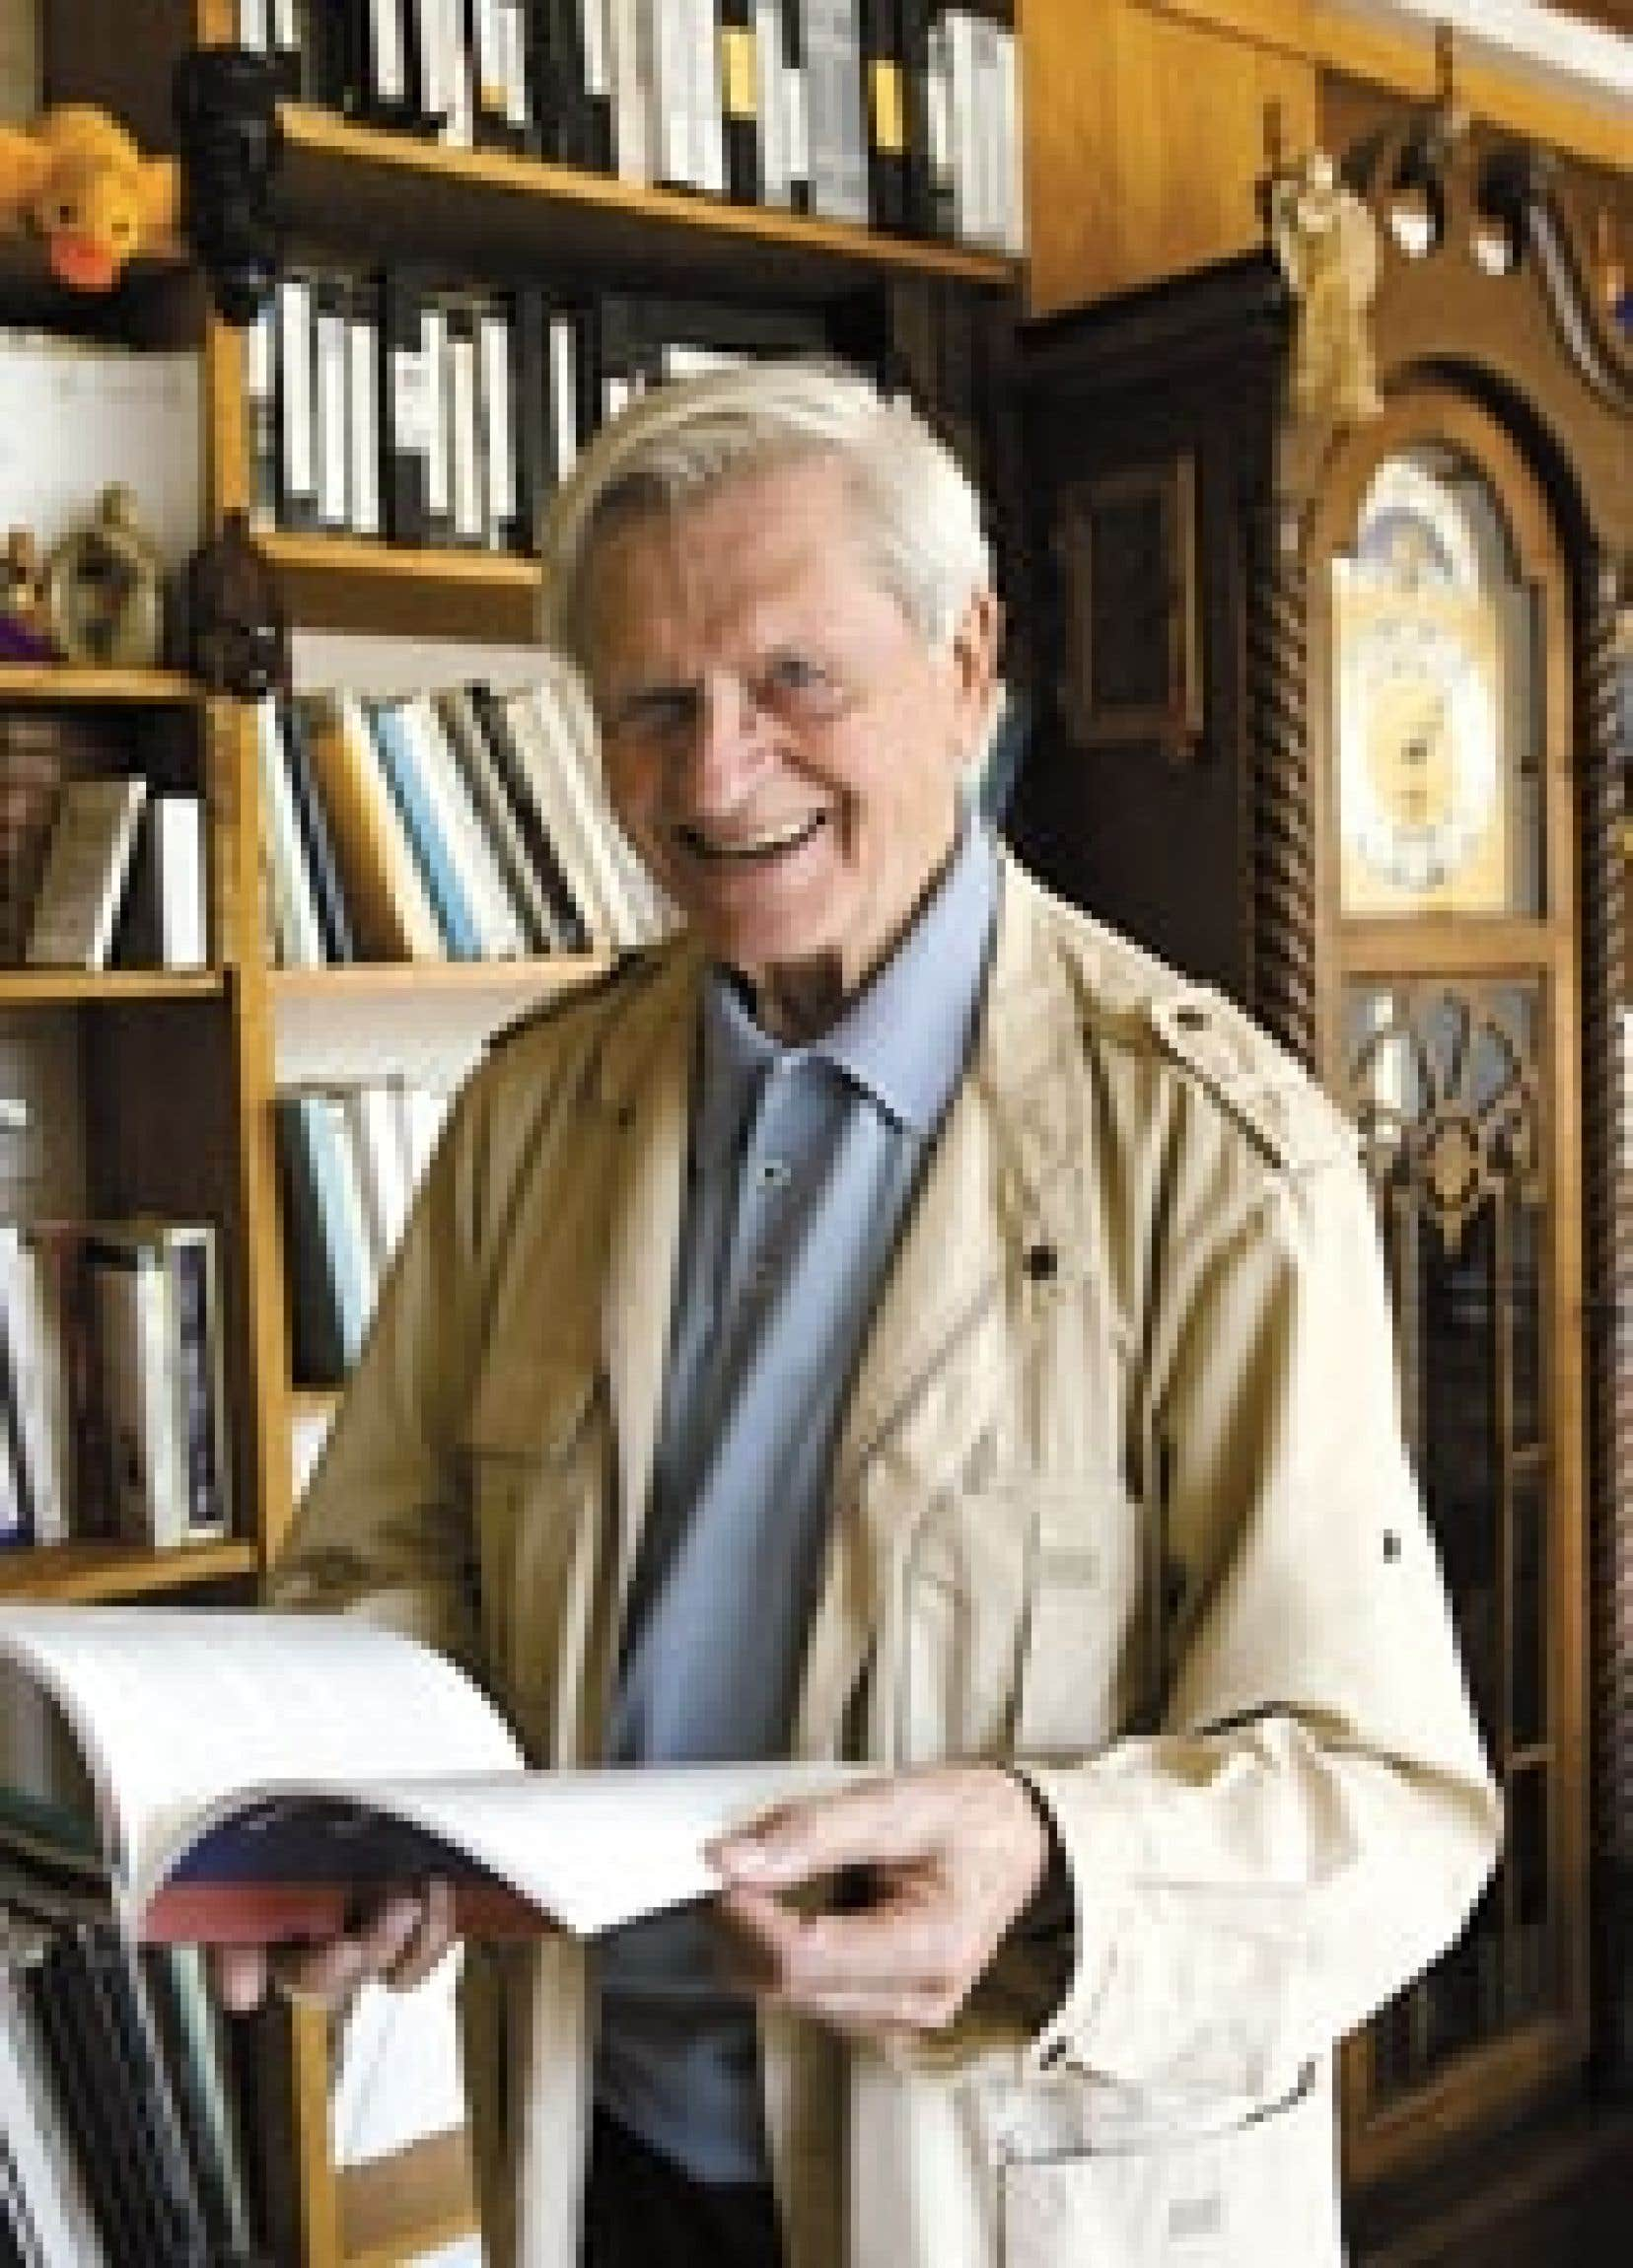 «Les artistes sont l'avenir du monde», dit le père Benoît Lacroix.